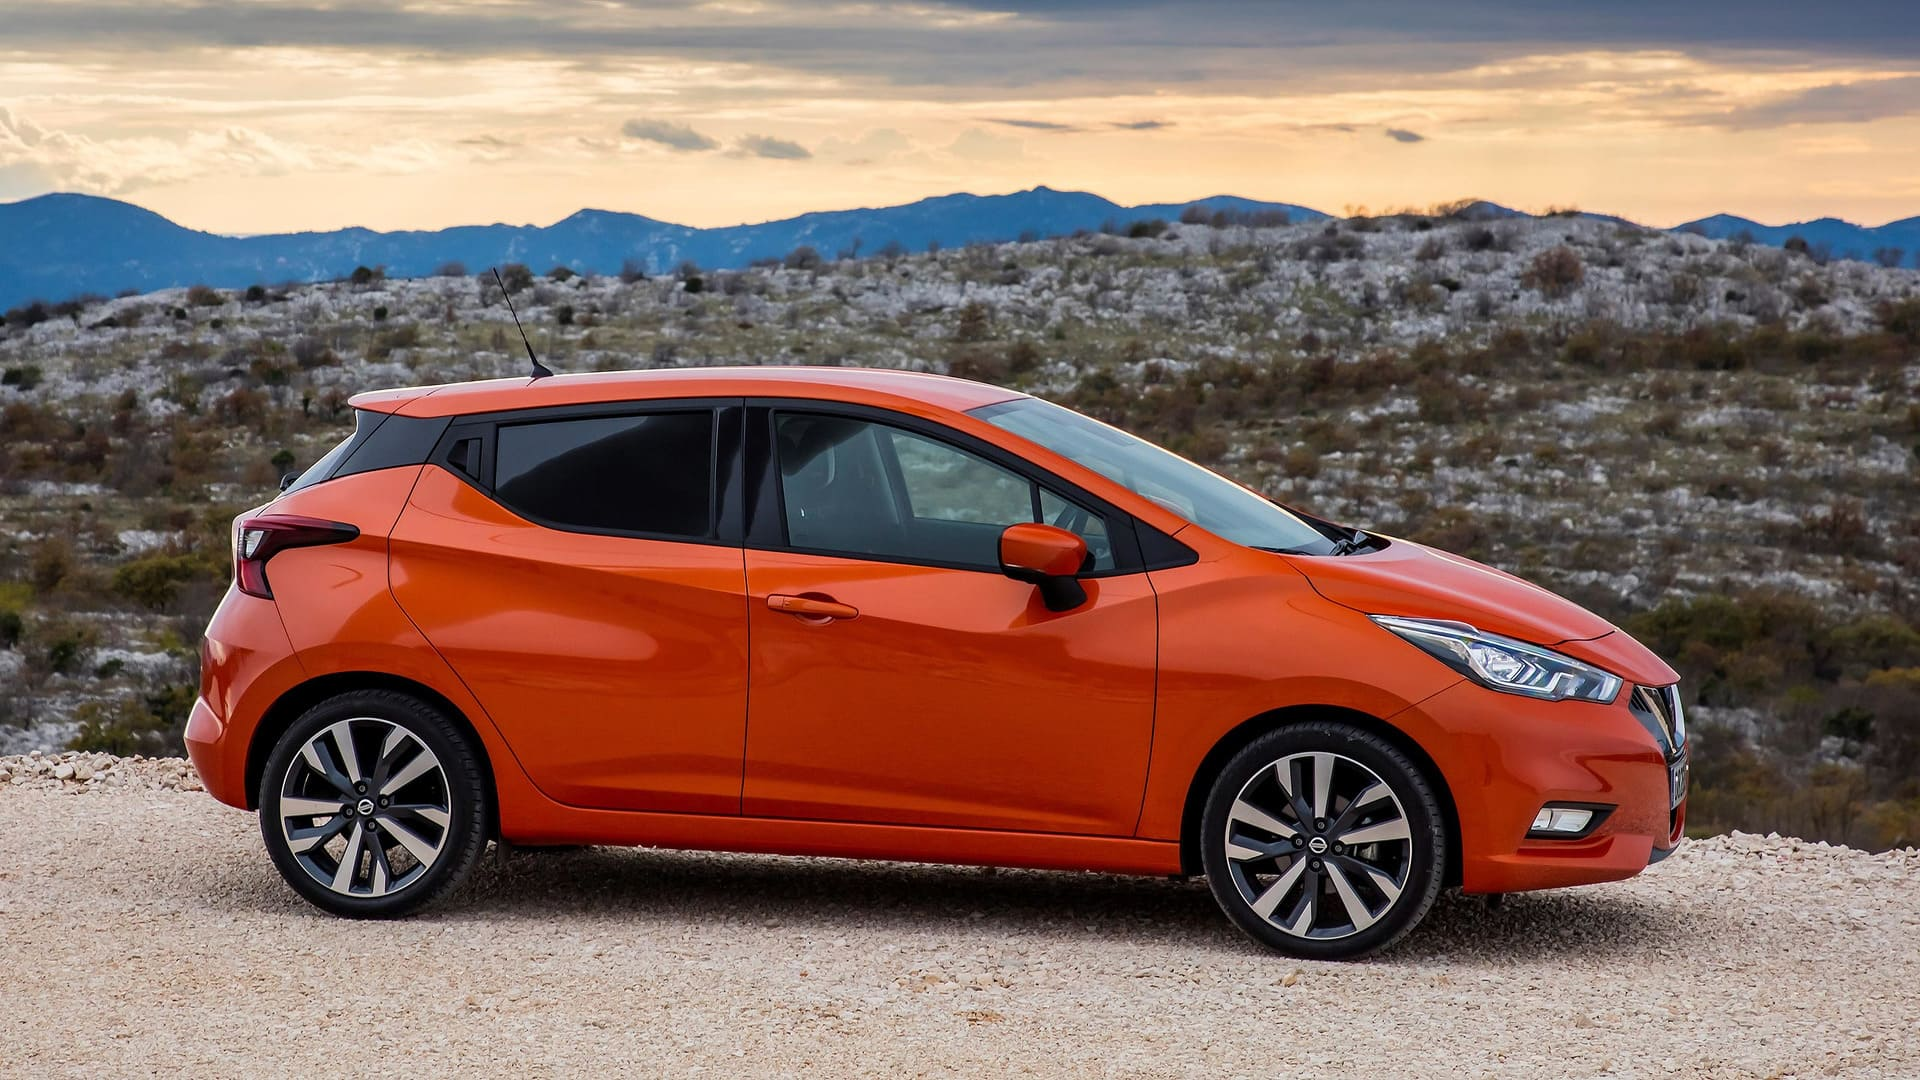 Nissan Micra oranje zijkant